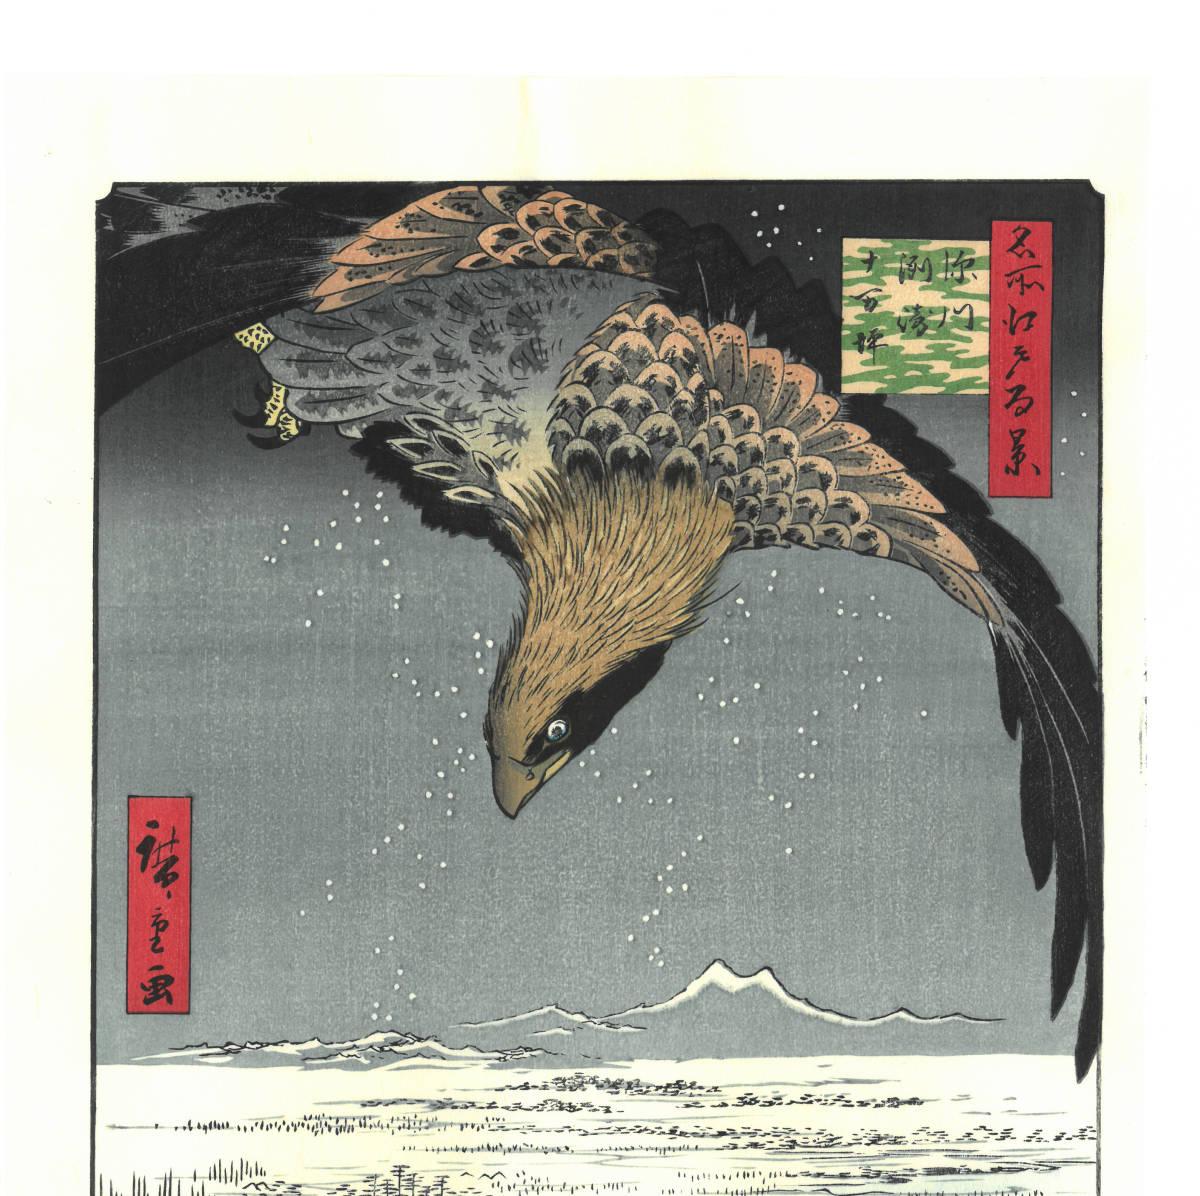 歌川広重 (Utagawa Hiroshige) 木版画 江戸百景 #108. 深川州崎十万坪  初版1856-58年頃  広重の木版画の真の素晴らしさをご堪能下さい! _画像2